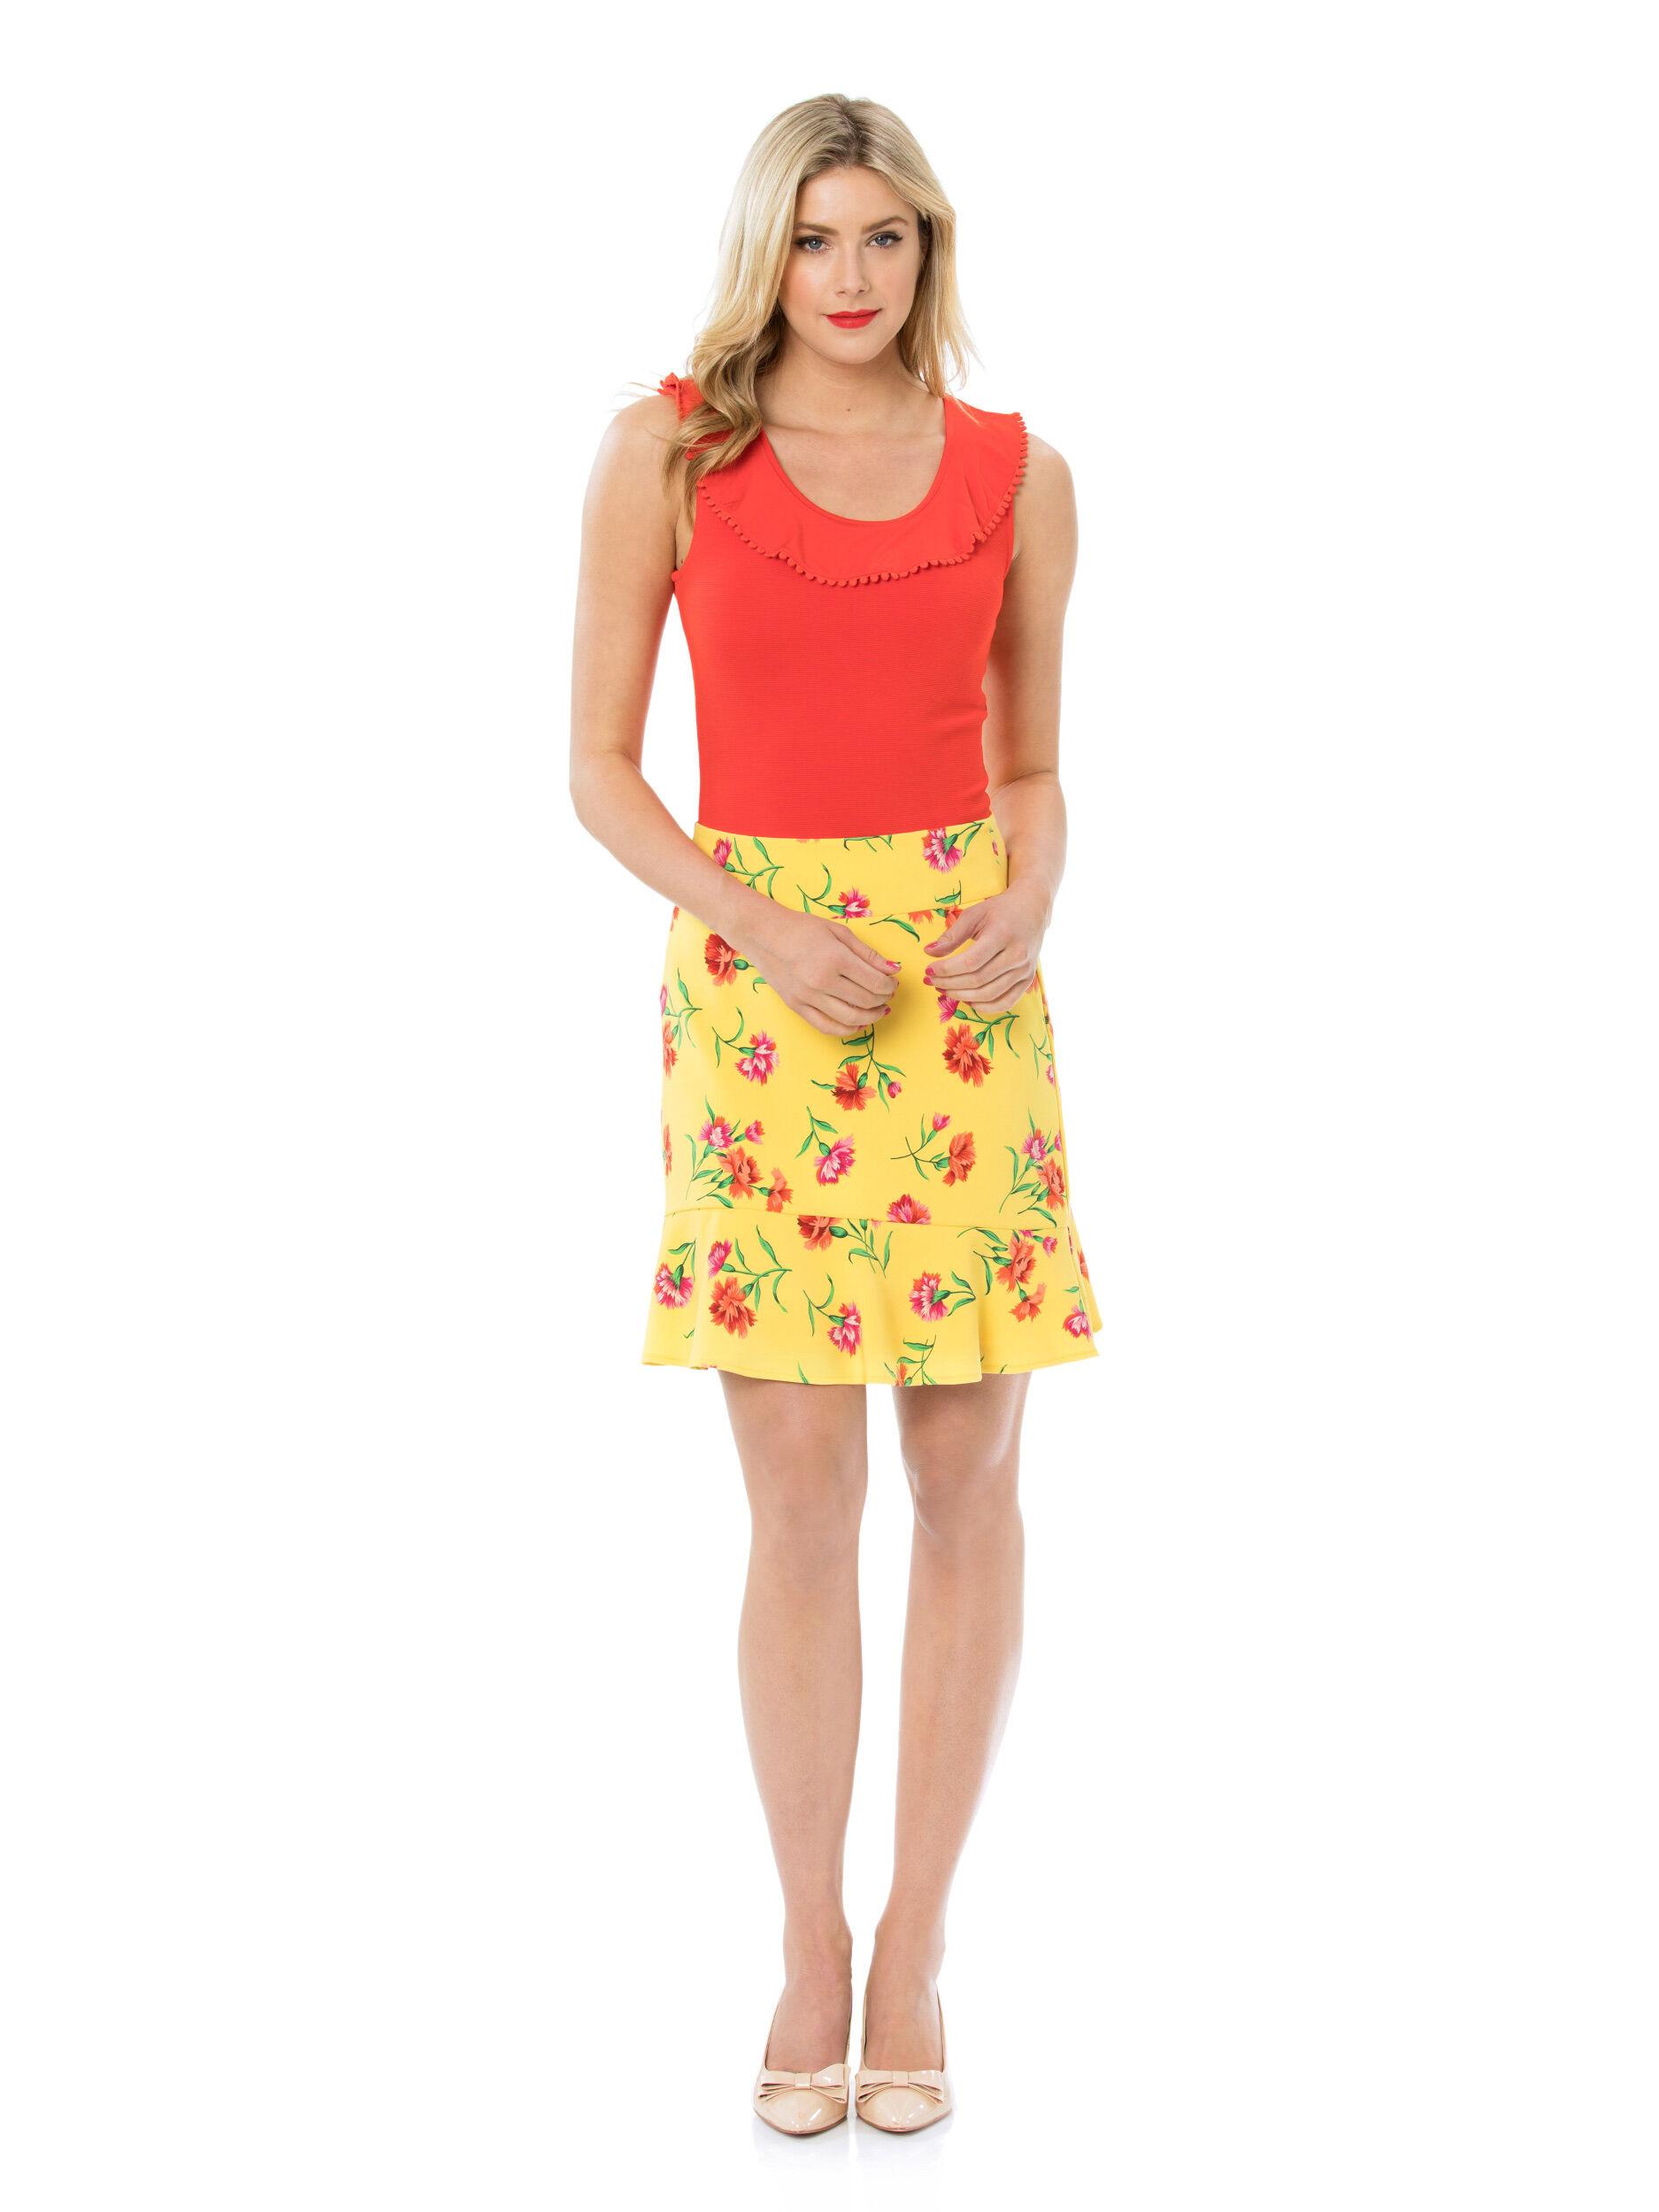 La Vida Loca Skirt